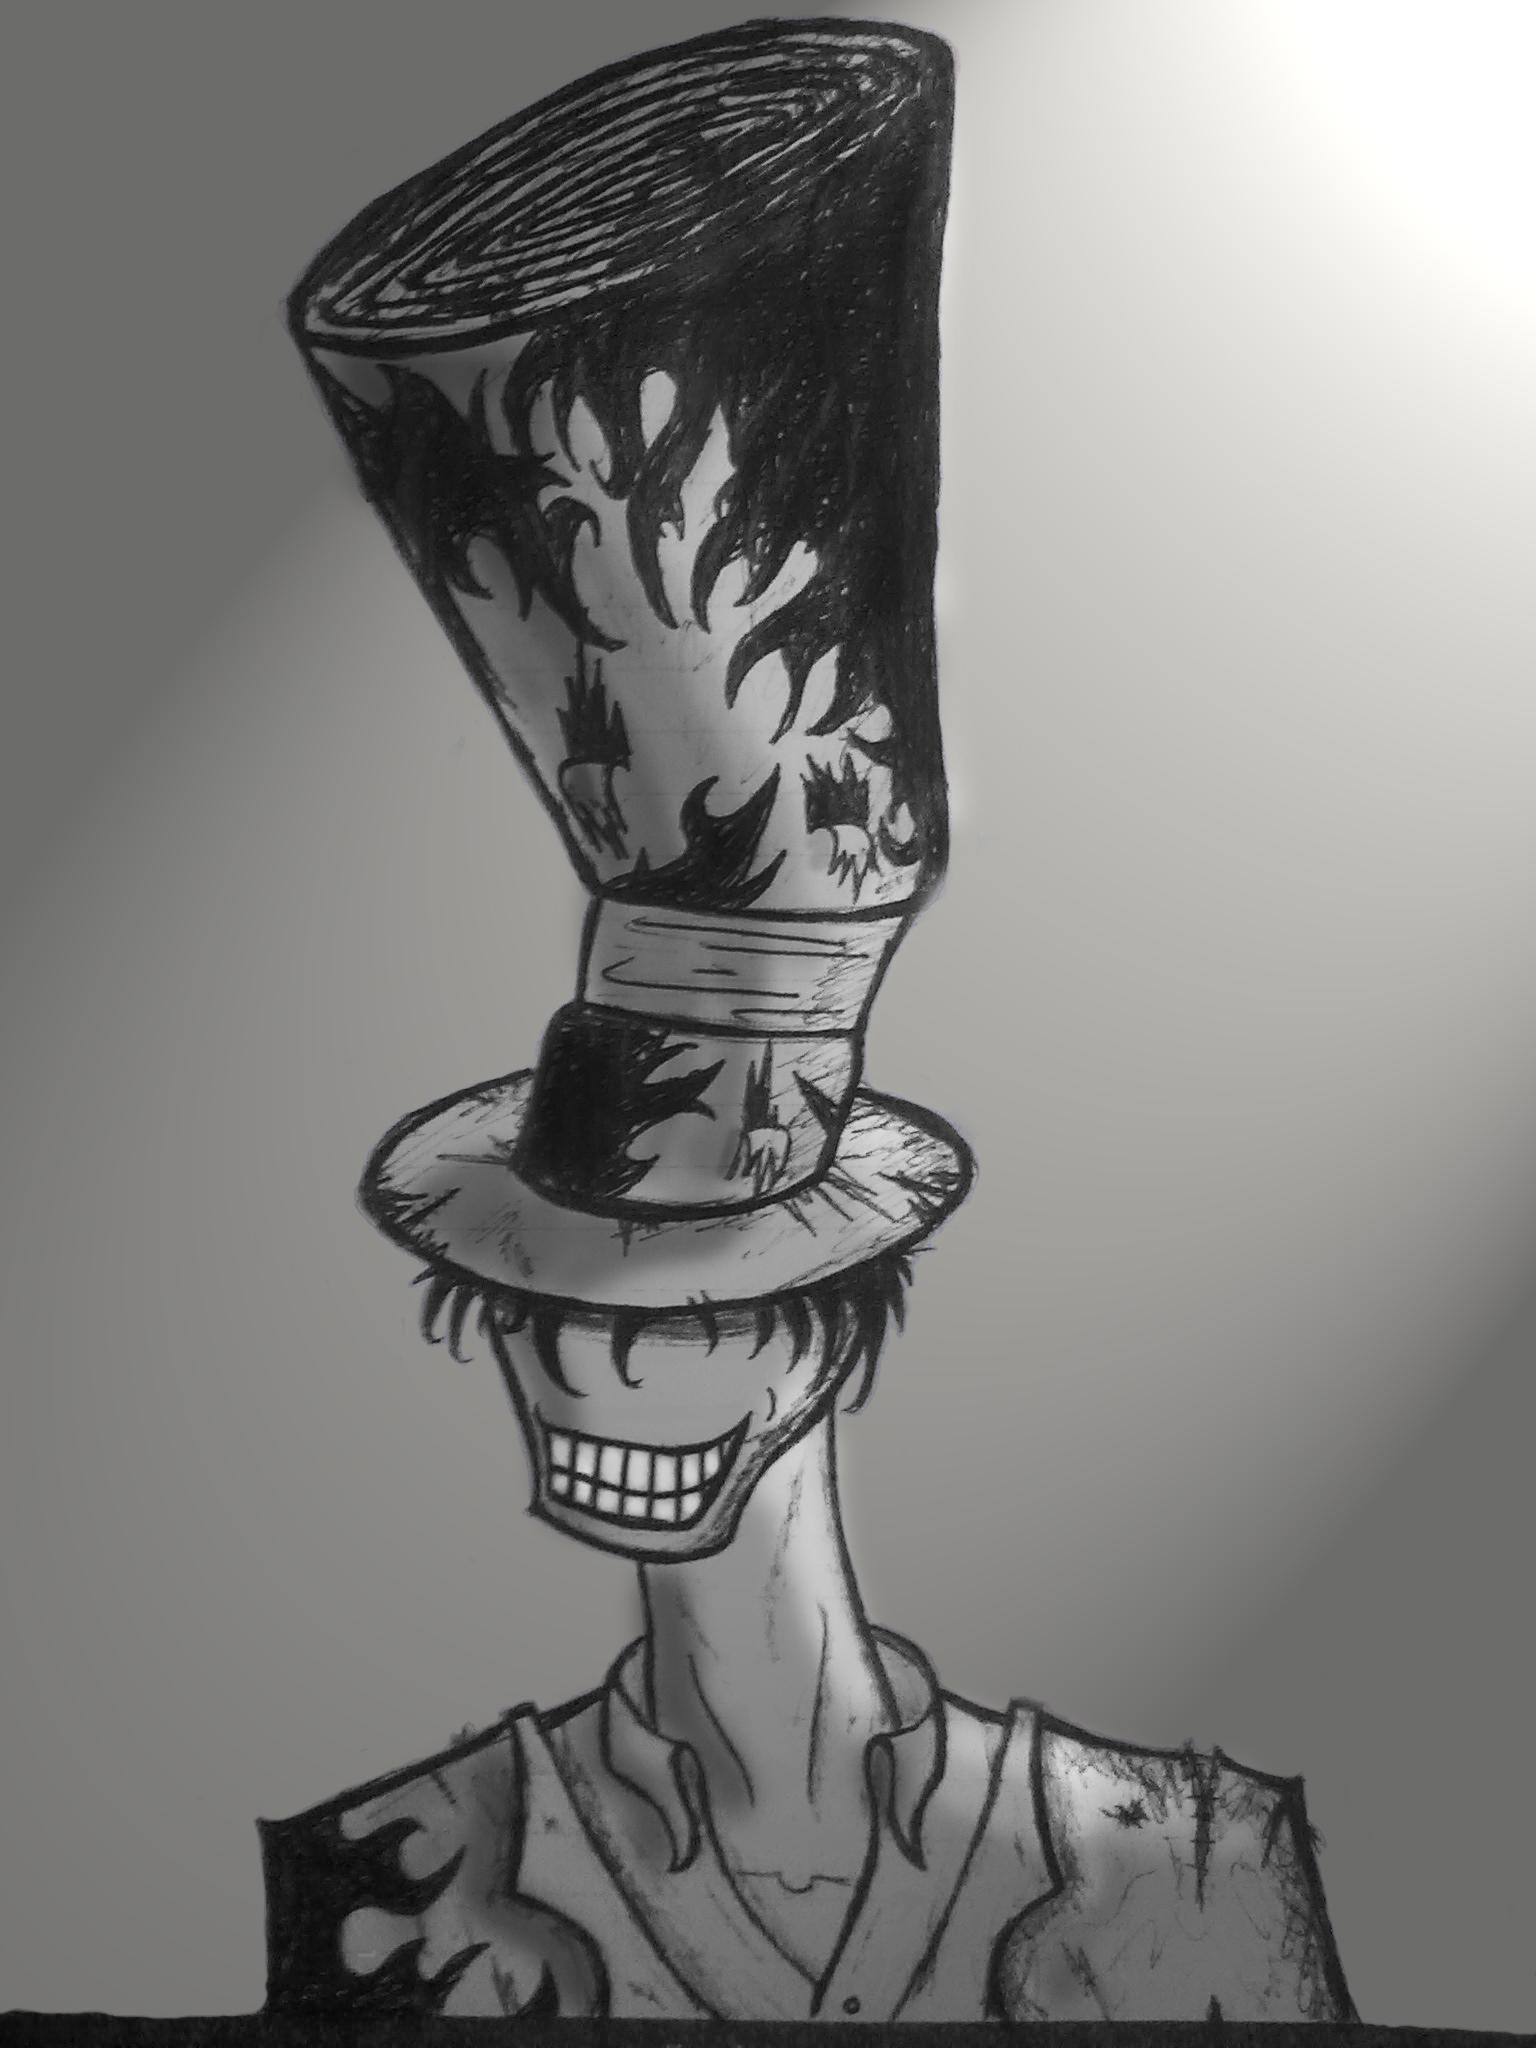 The Hatman